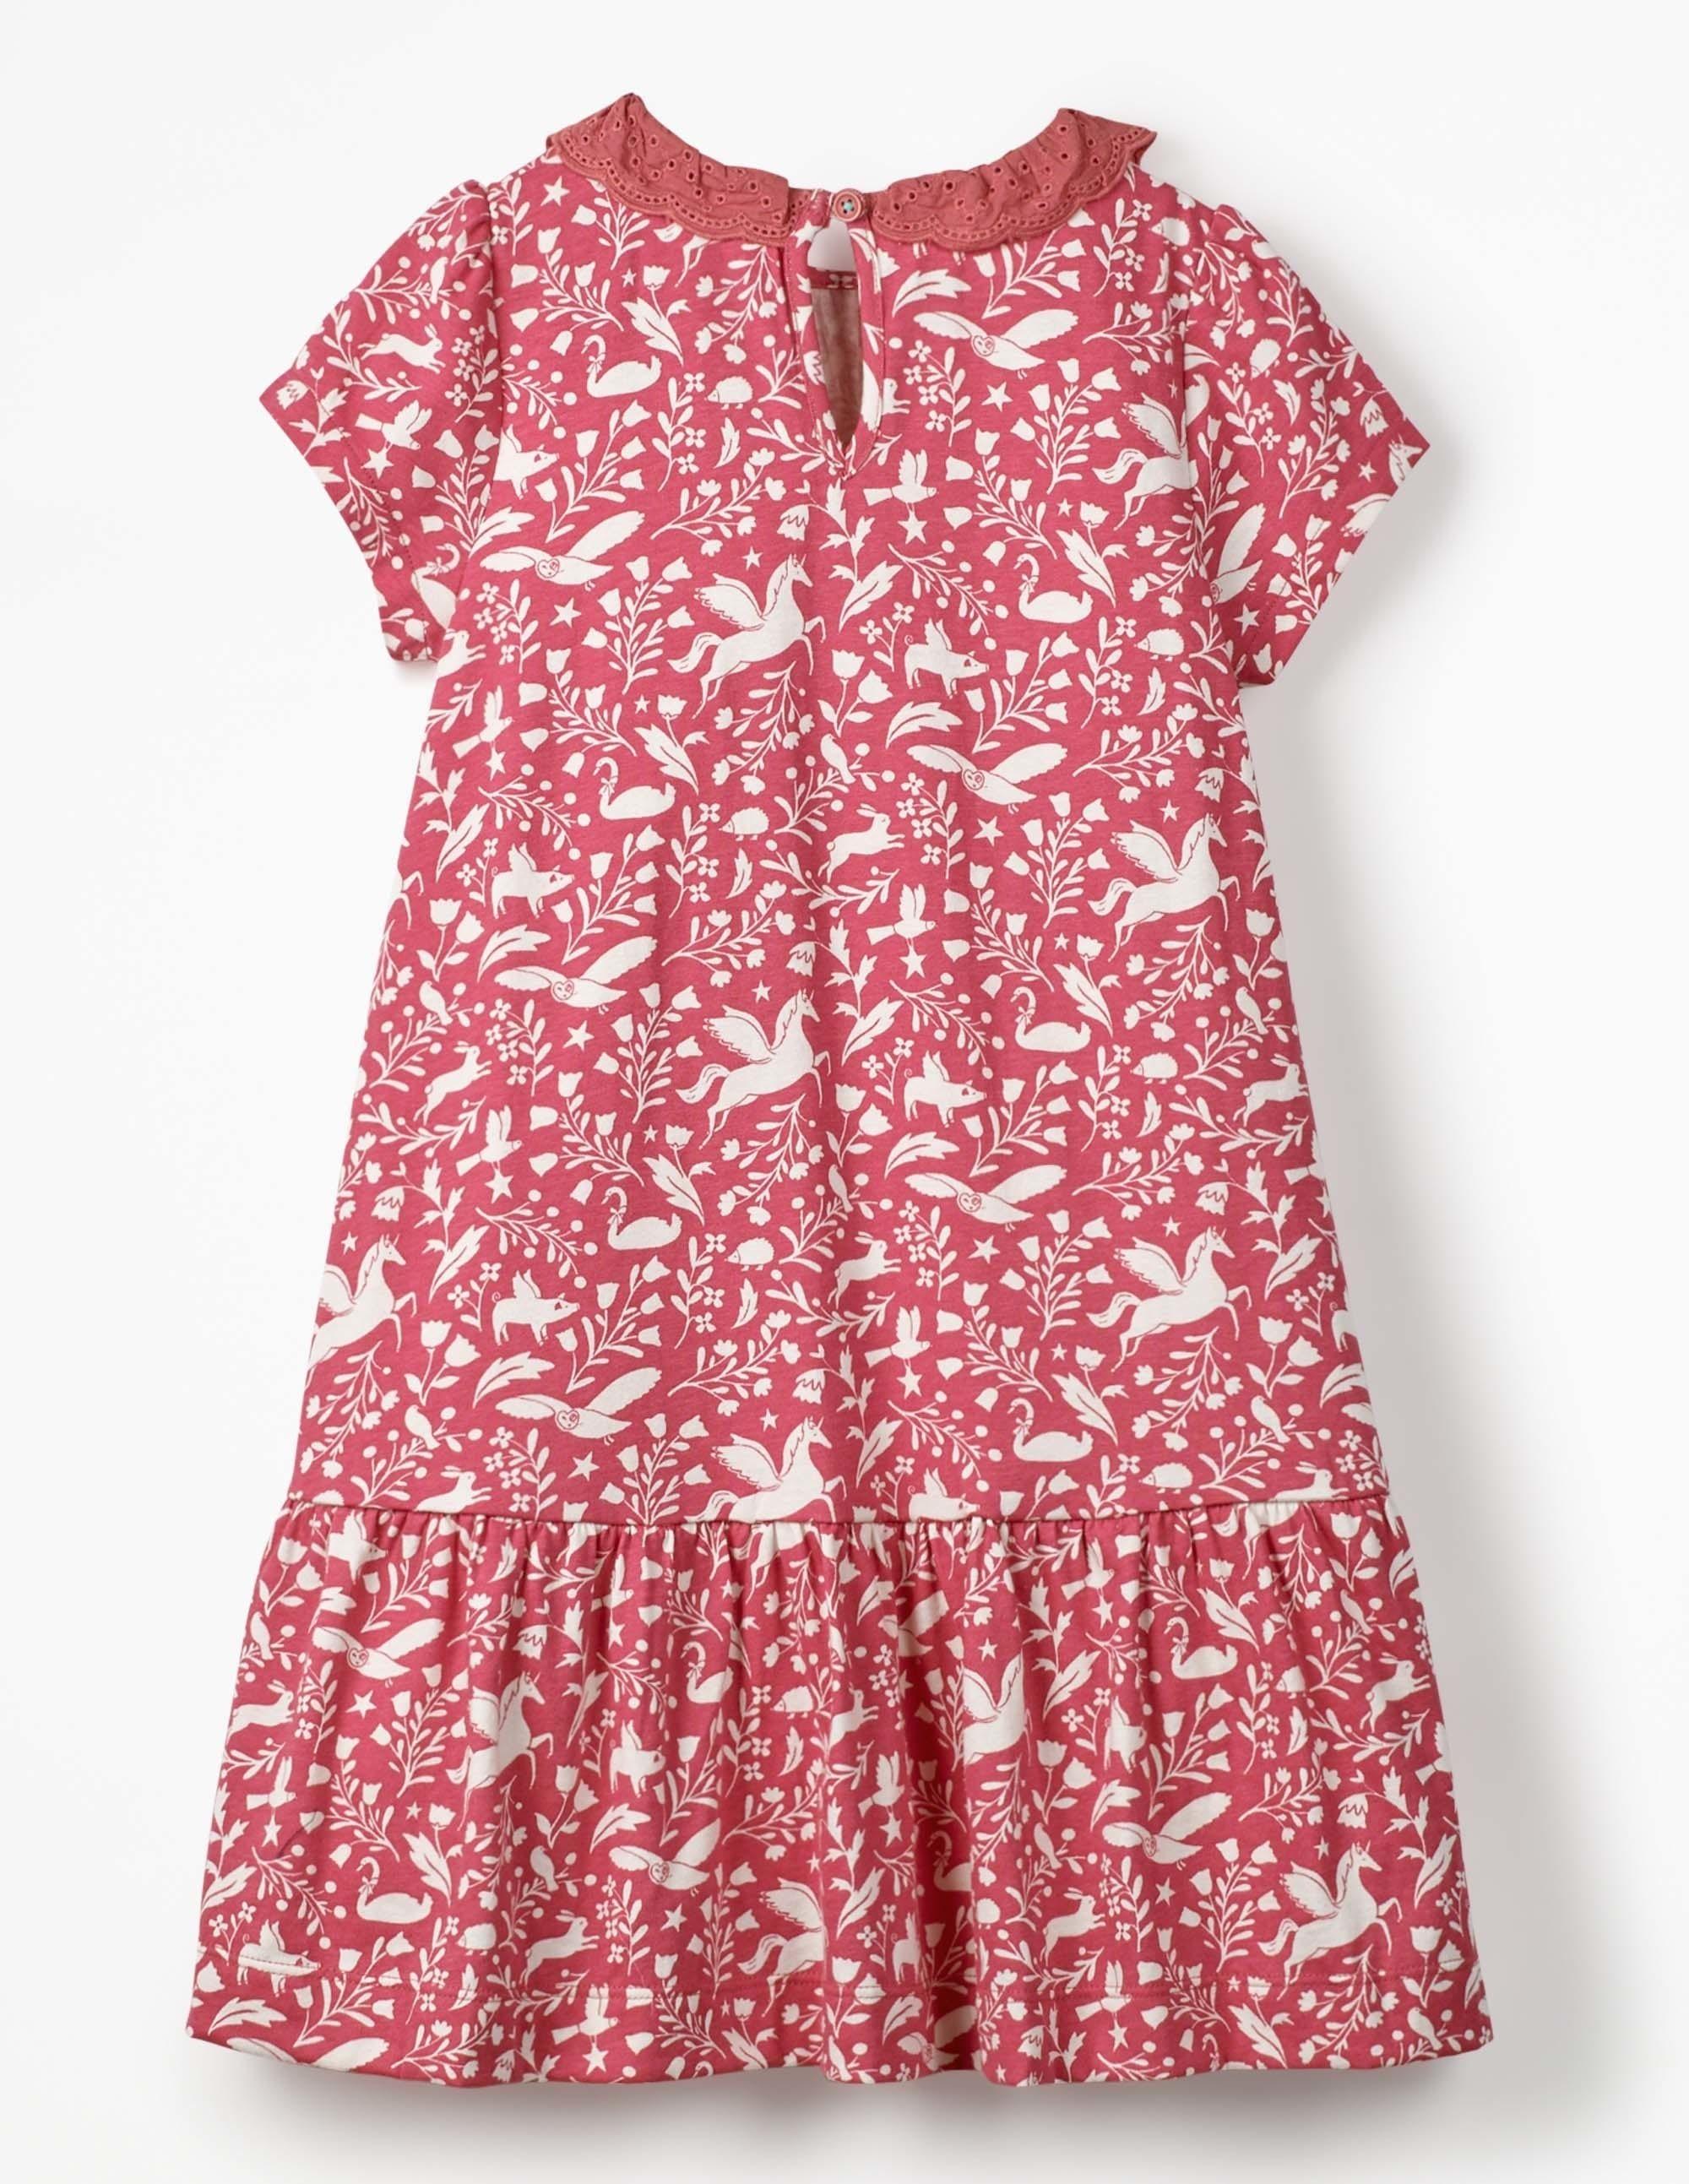 Kurzärmliges Jerseykleid Mädchen Boden pink |